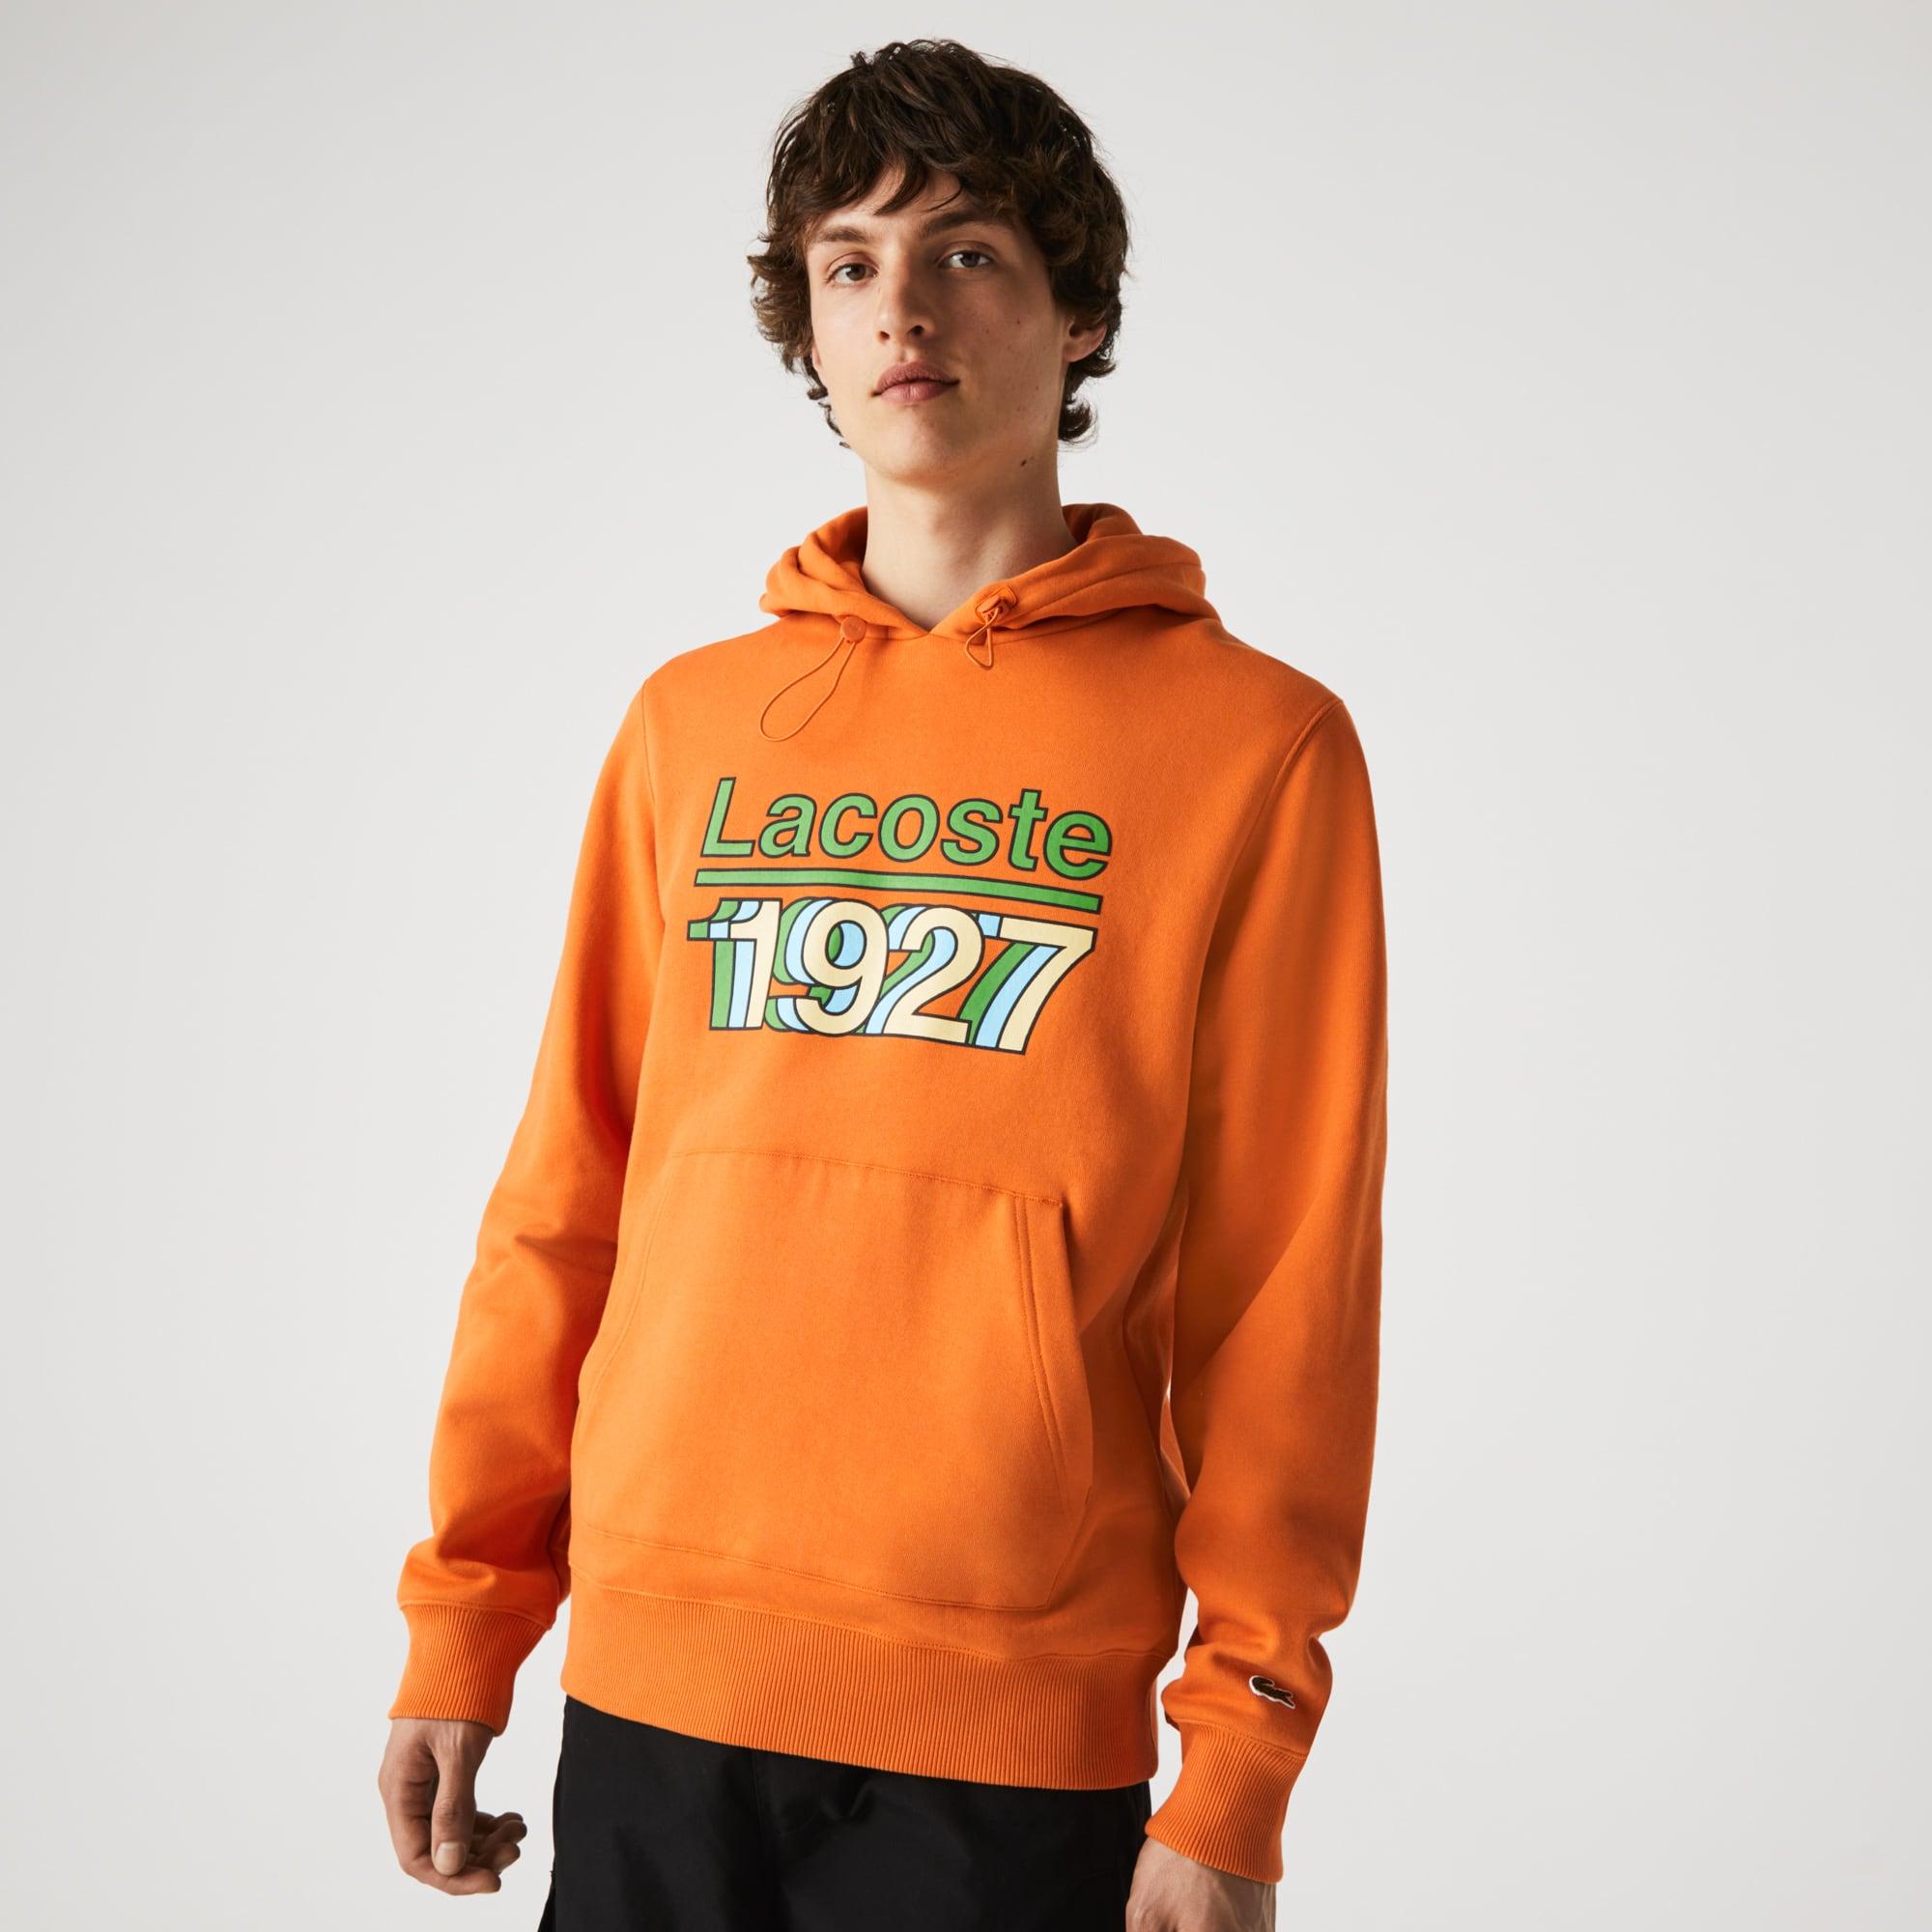 라코스테 맨 후드티 Lacoste Mens Vintage Printed Hooded Fleece Sweatshirt,Orange TV1